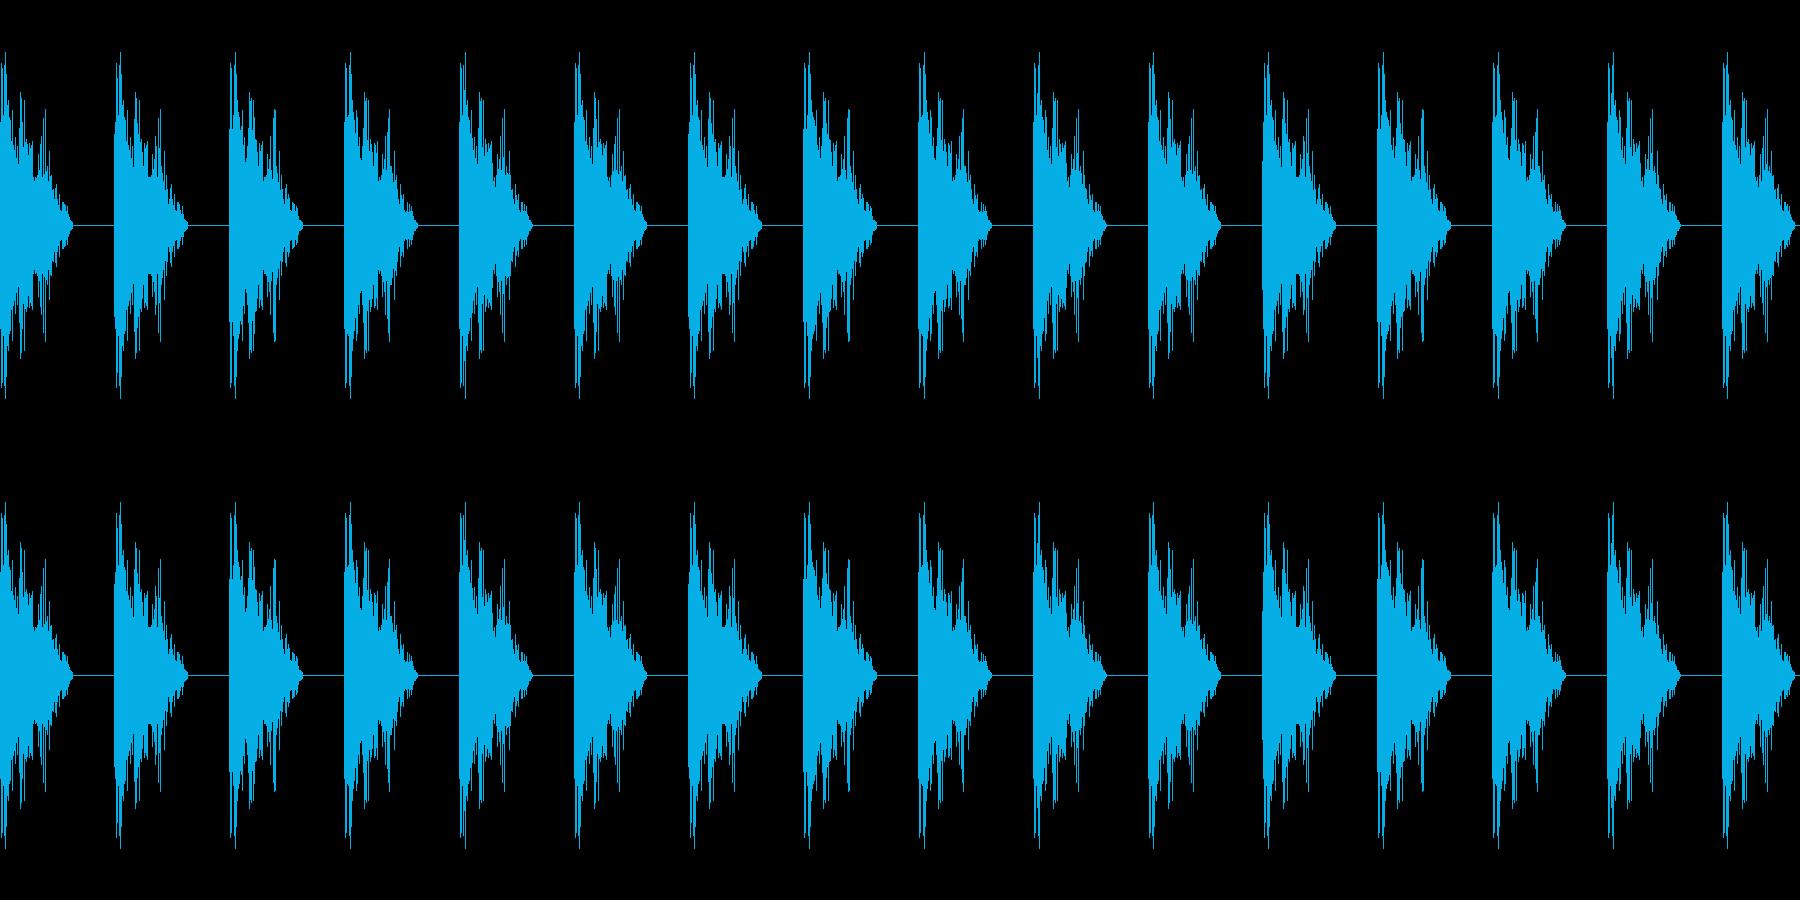 カタカタ音 カタカタした音 の再生済みの波形